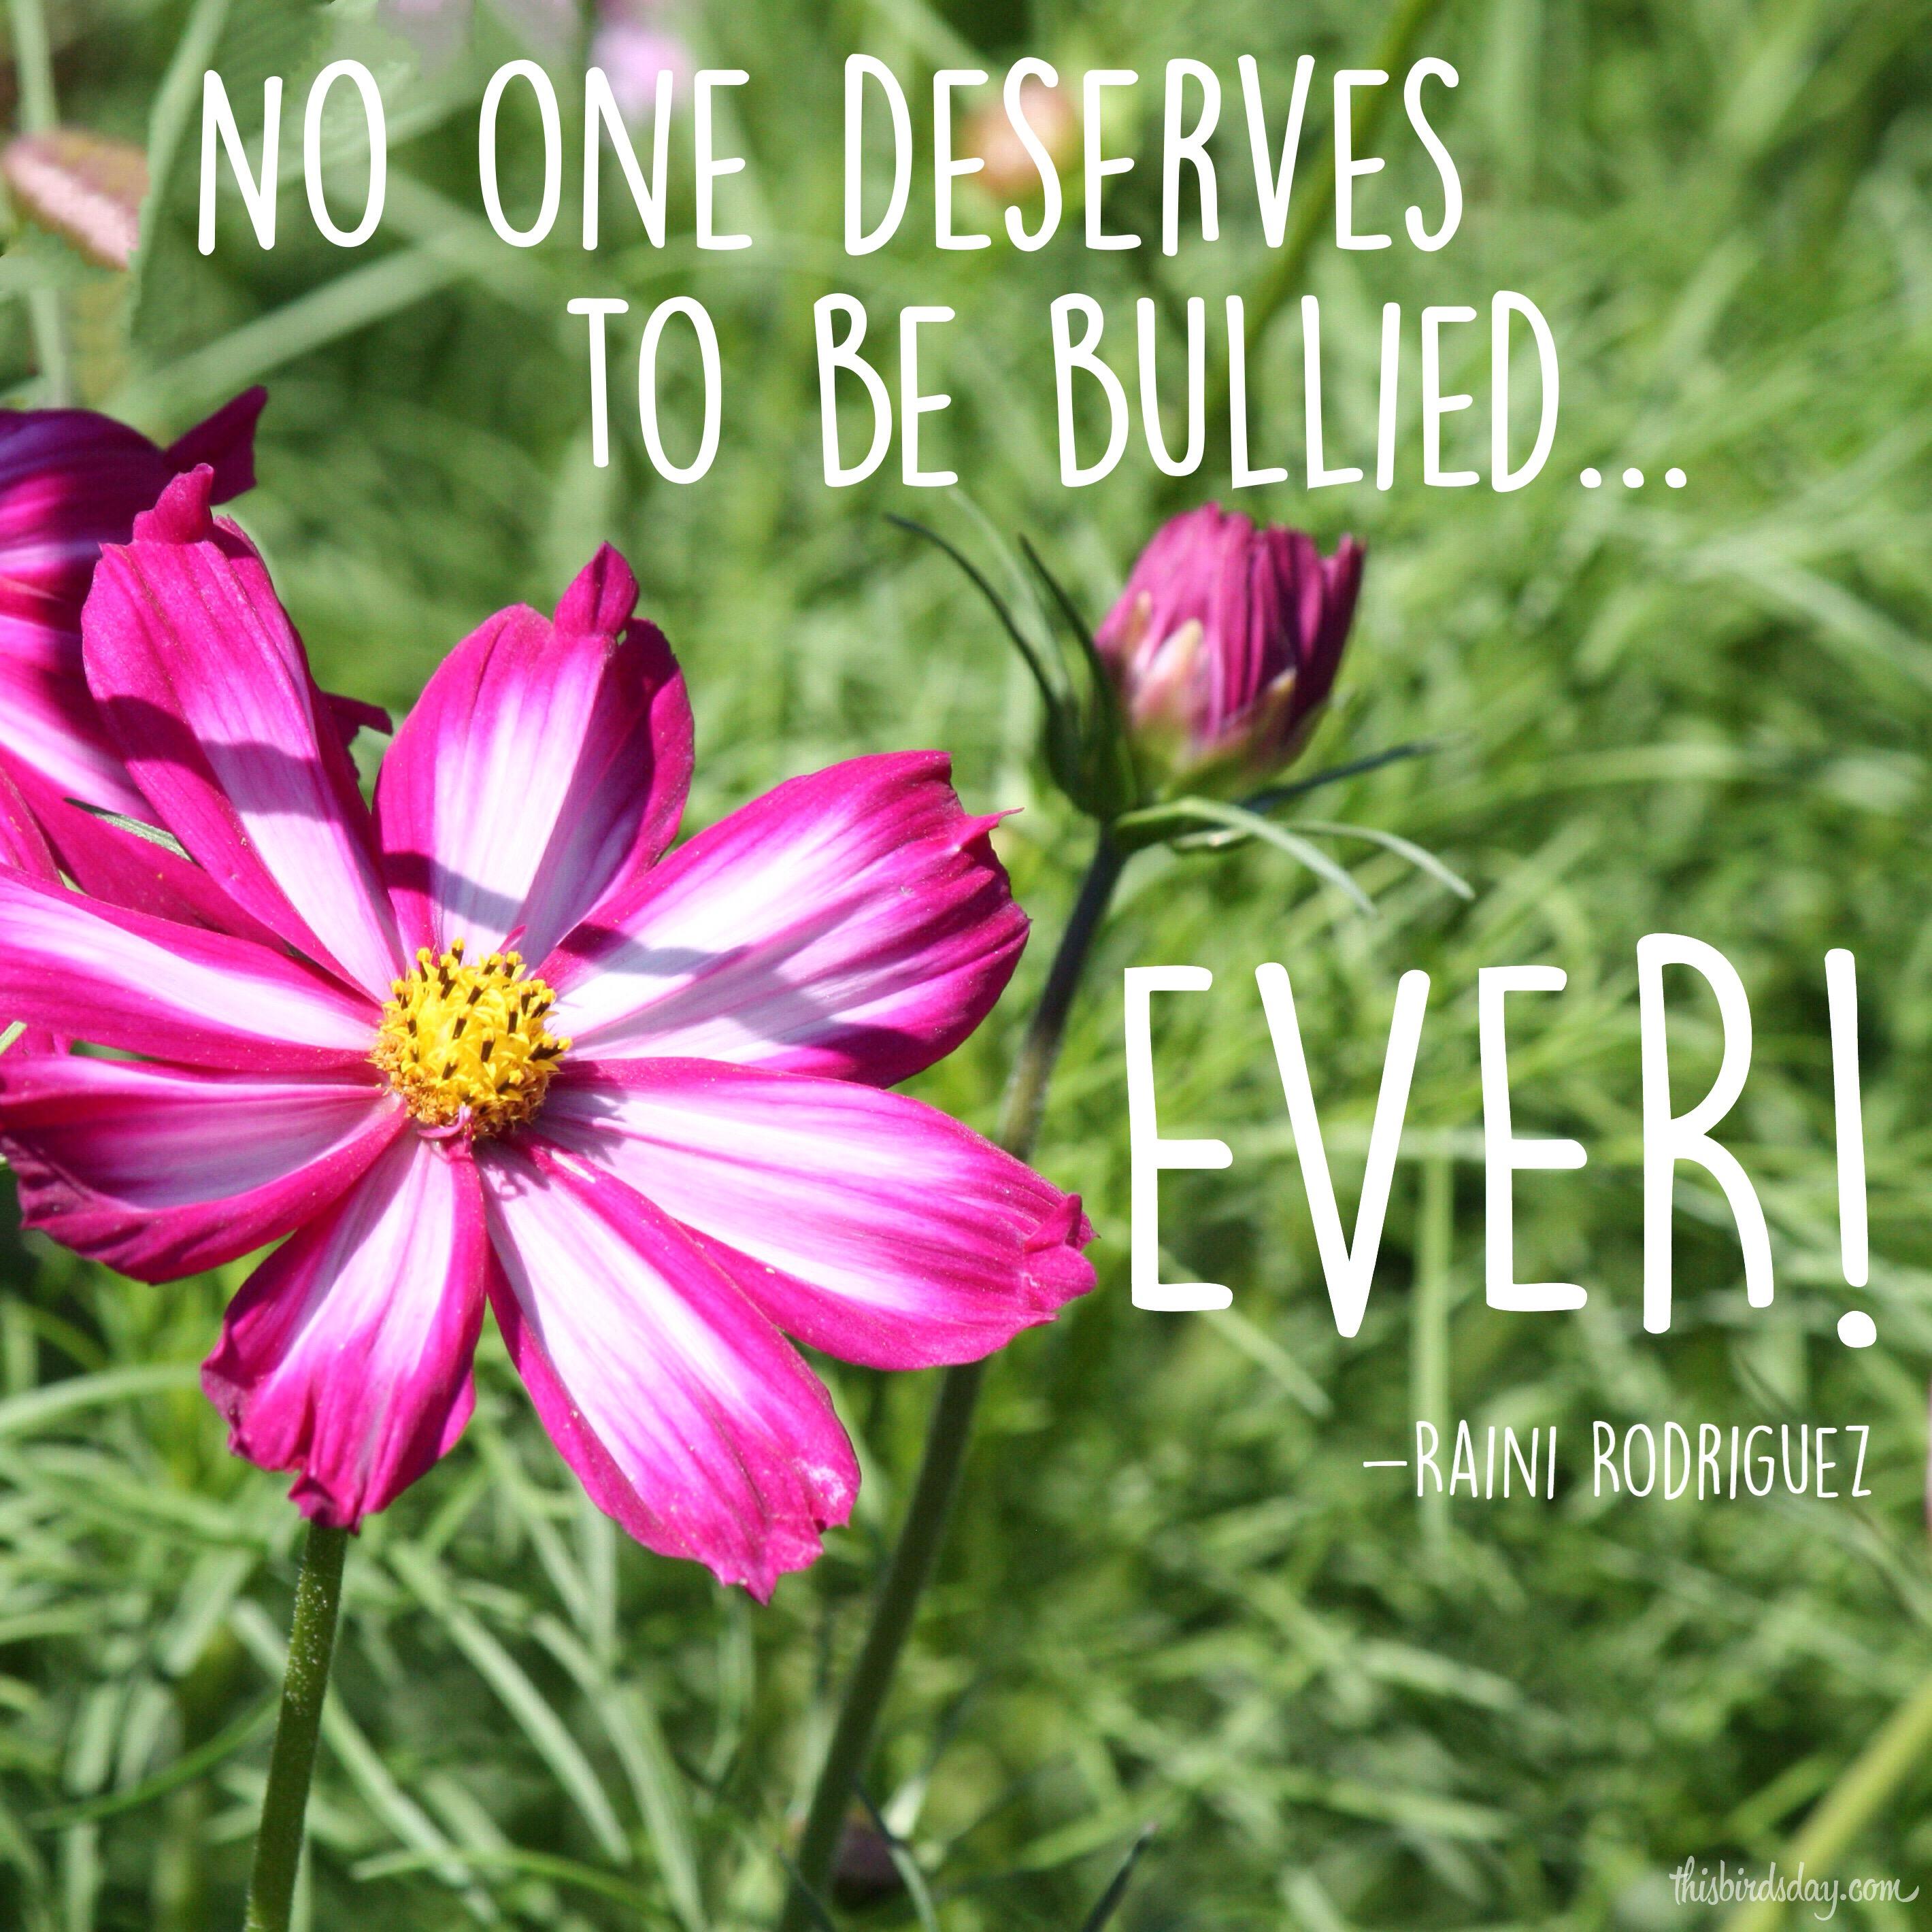 bullying-quote-pink-shirt-day-raini-rodriguez.JPG | This Bird's Day